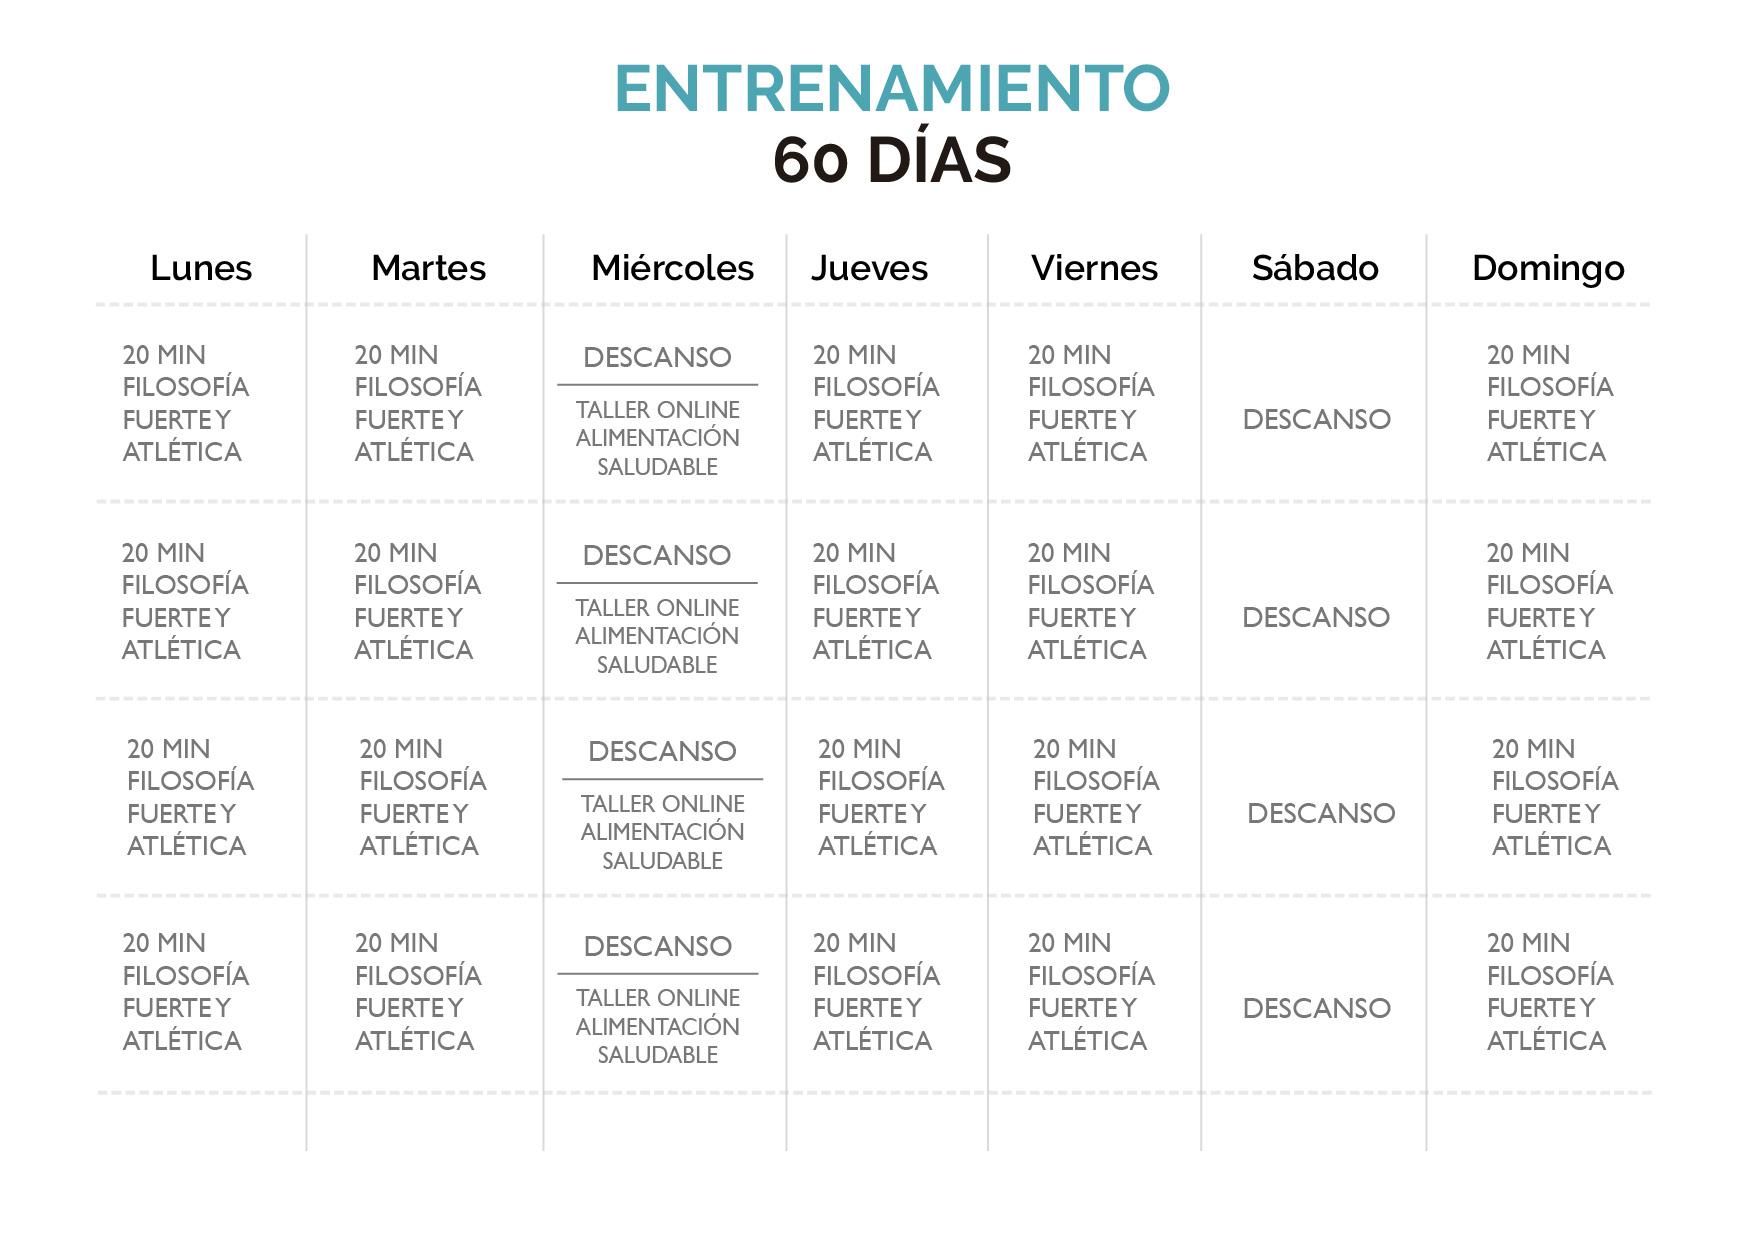 Calendario-60diasdeentrenamiento-01